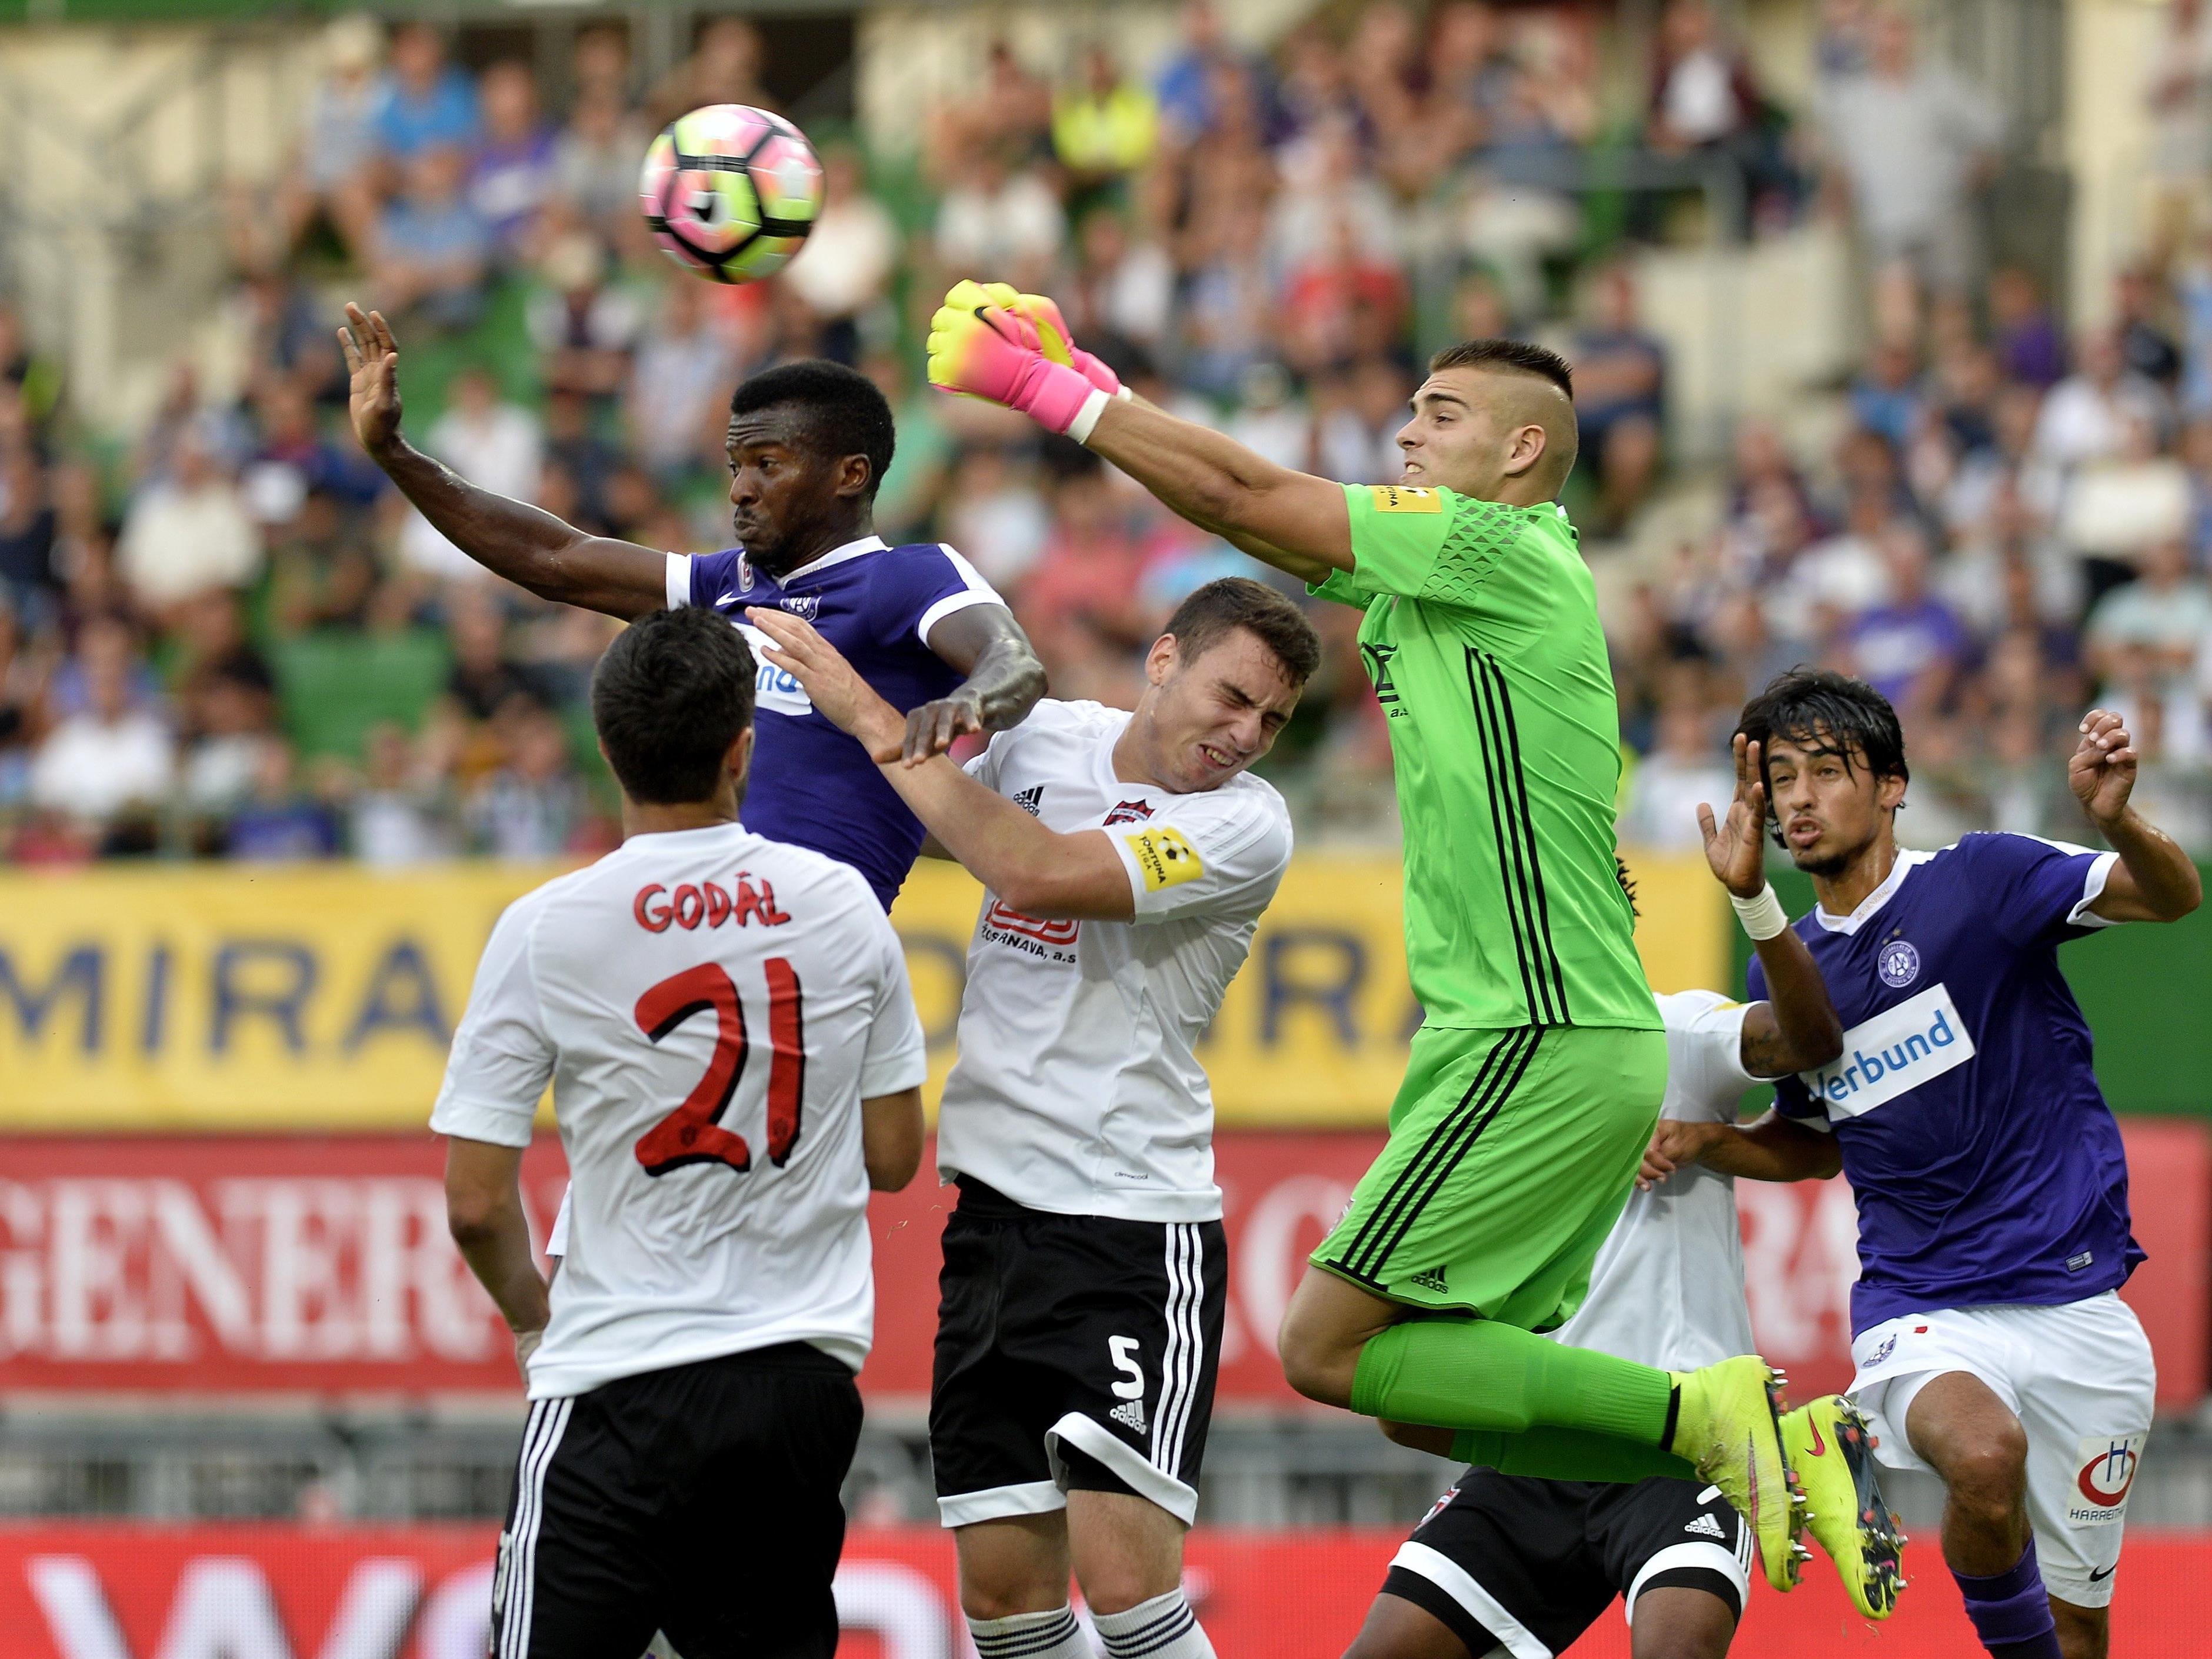 d01db6aeff Die Austria ist bereits in der dritten Qualifikationsrunde der Europa  League ordentlich unter Druck.